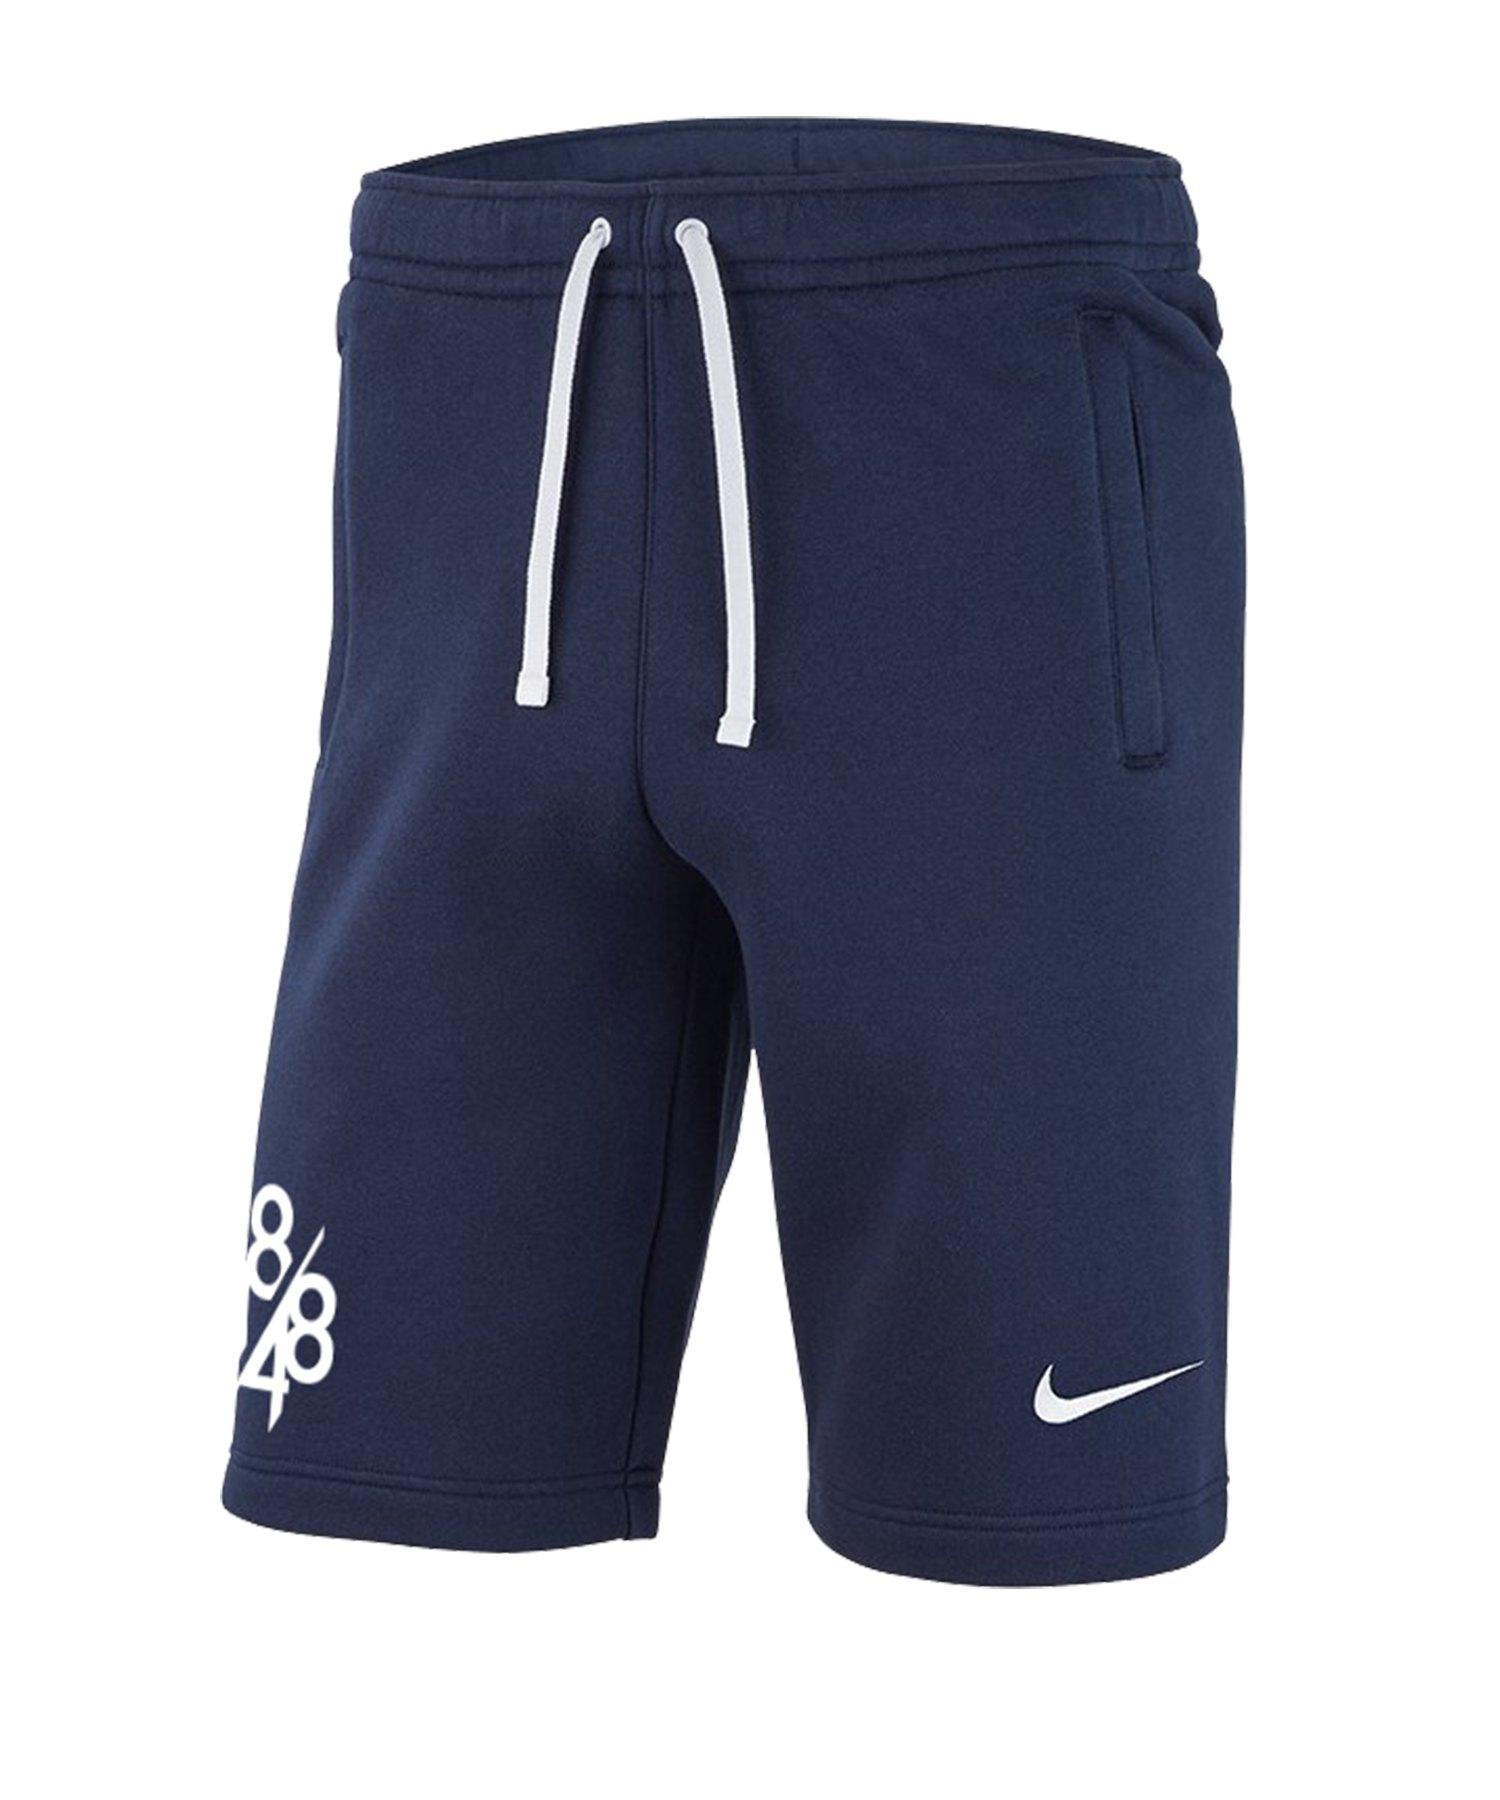 Nike VfL Bochum Fleece Short Blau F451 - blau